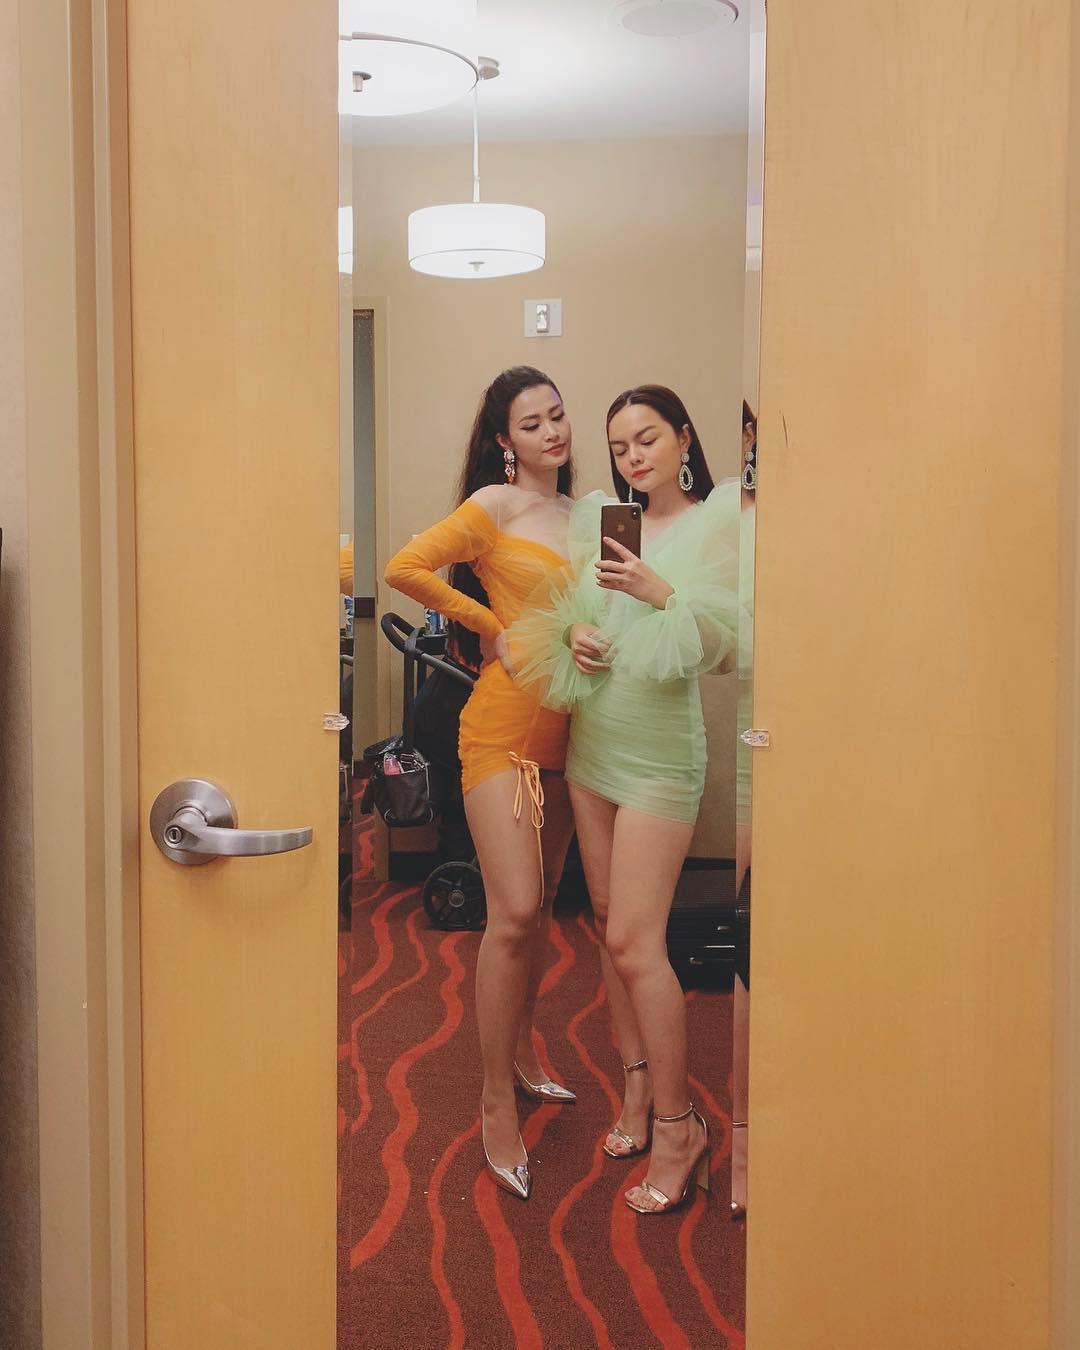 Ai đó kiêng dè váy kén dáng chứ Phạm Quỳnh Anh chẳng ngán diện, đã vậy còn mặc tuyệt đẹp - Ảnh 3.